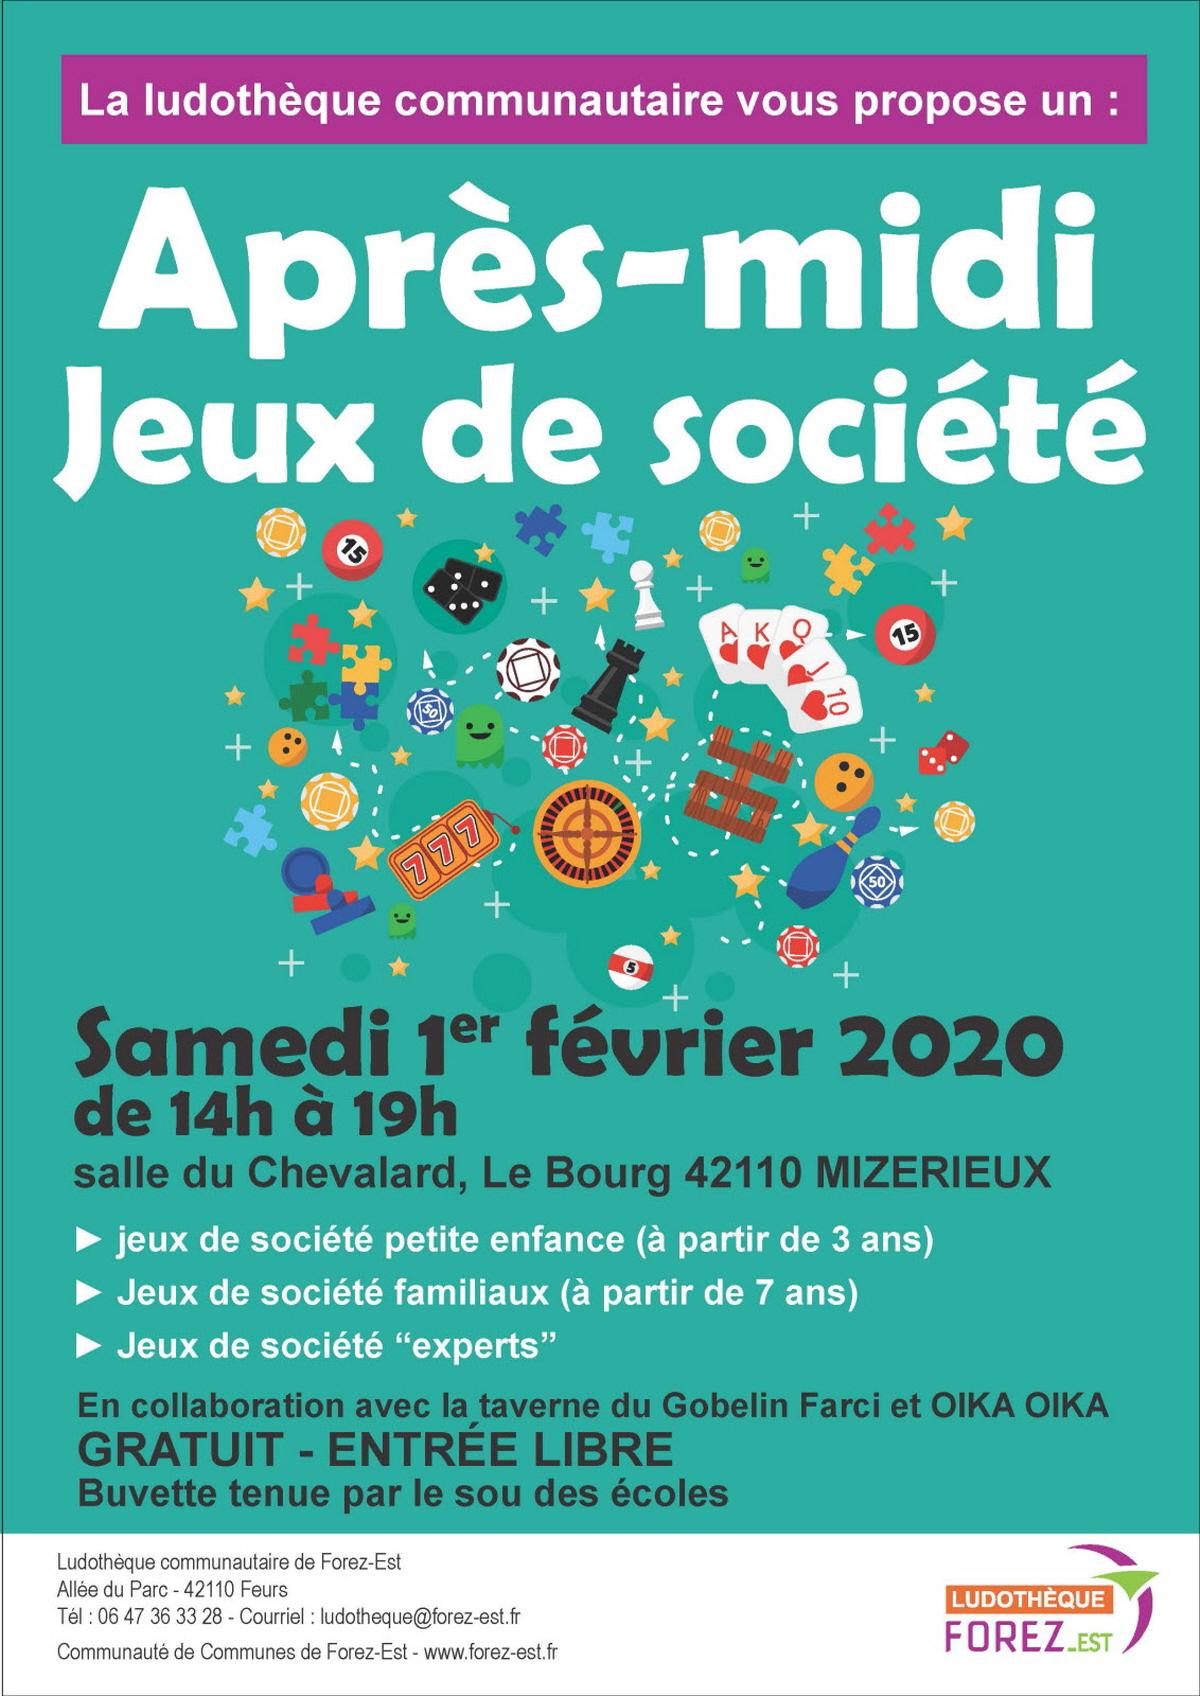 Apres Midi Jeux De Societe : Jeu De Societe A Mizerieux intérieur Jeux Societe Gratuit